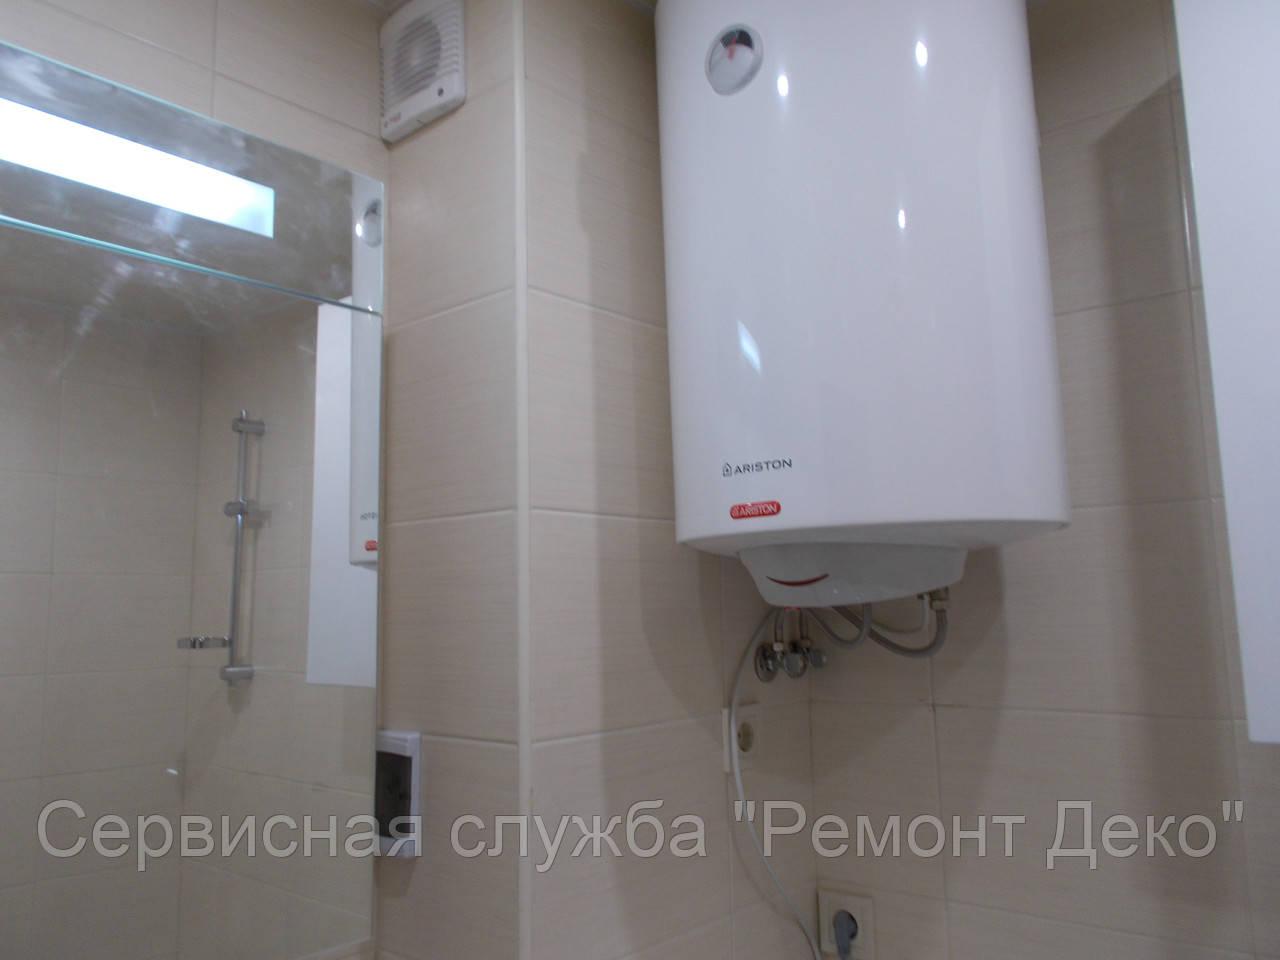 Установка бойлера Николаев, ремонт бойлера в Николаеве.